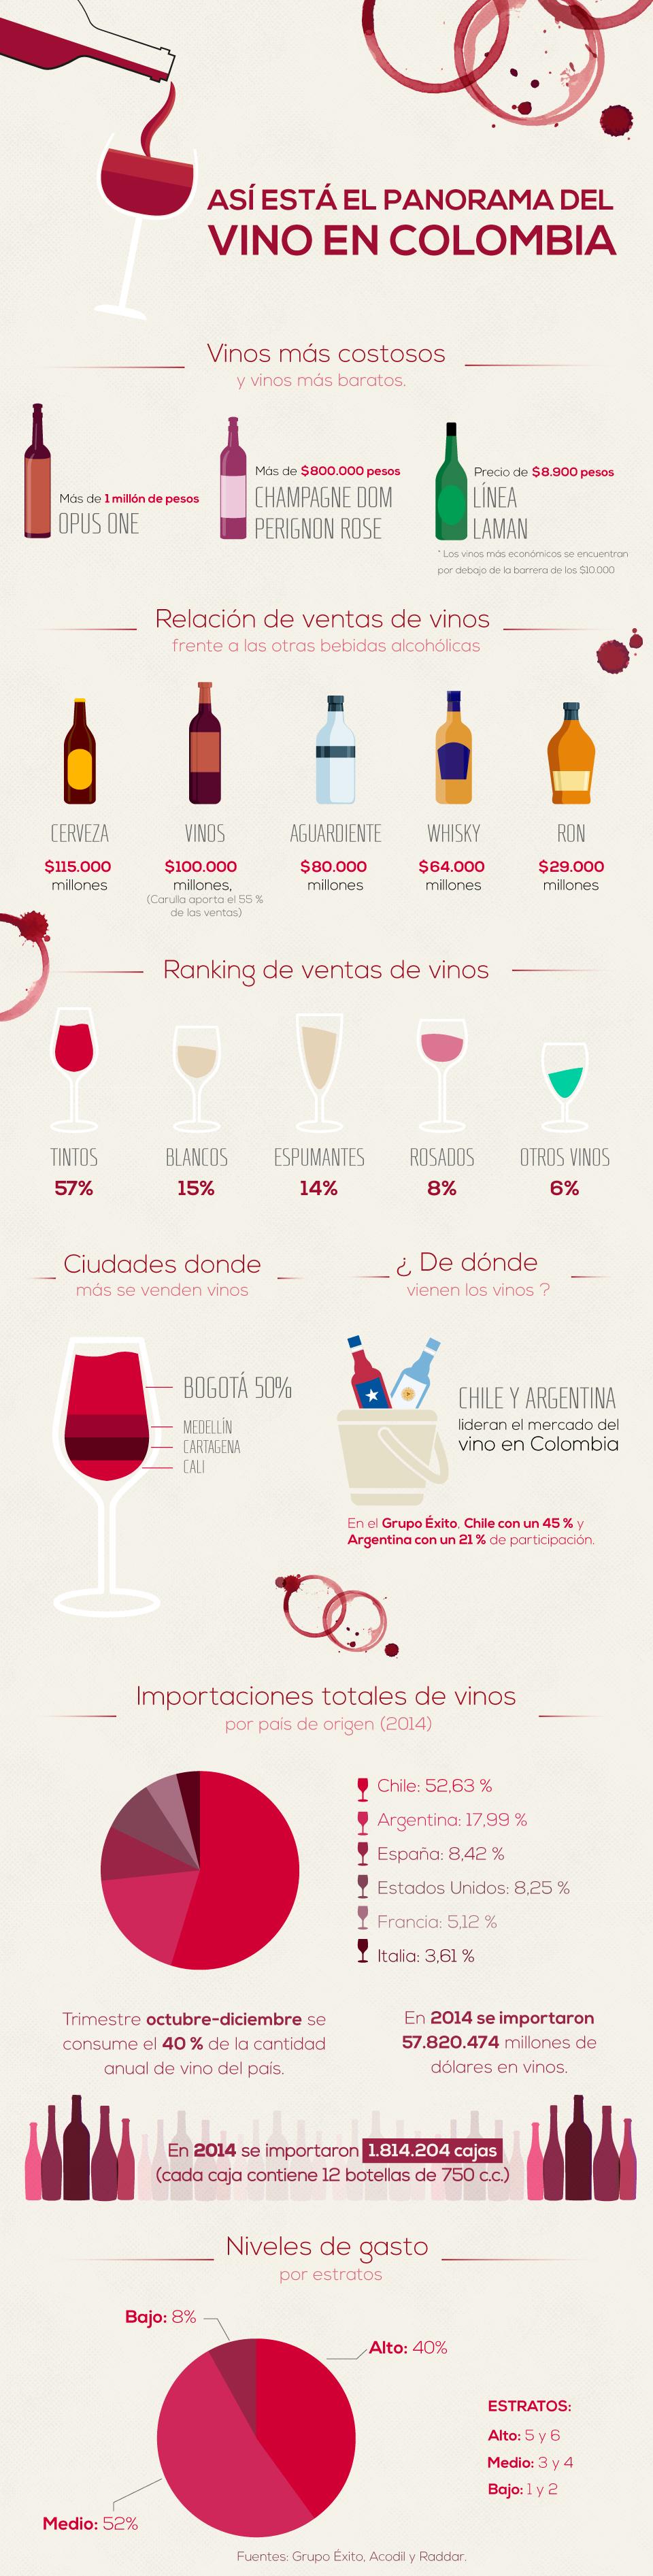 Así está el panorama del vino en el país